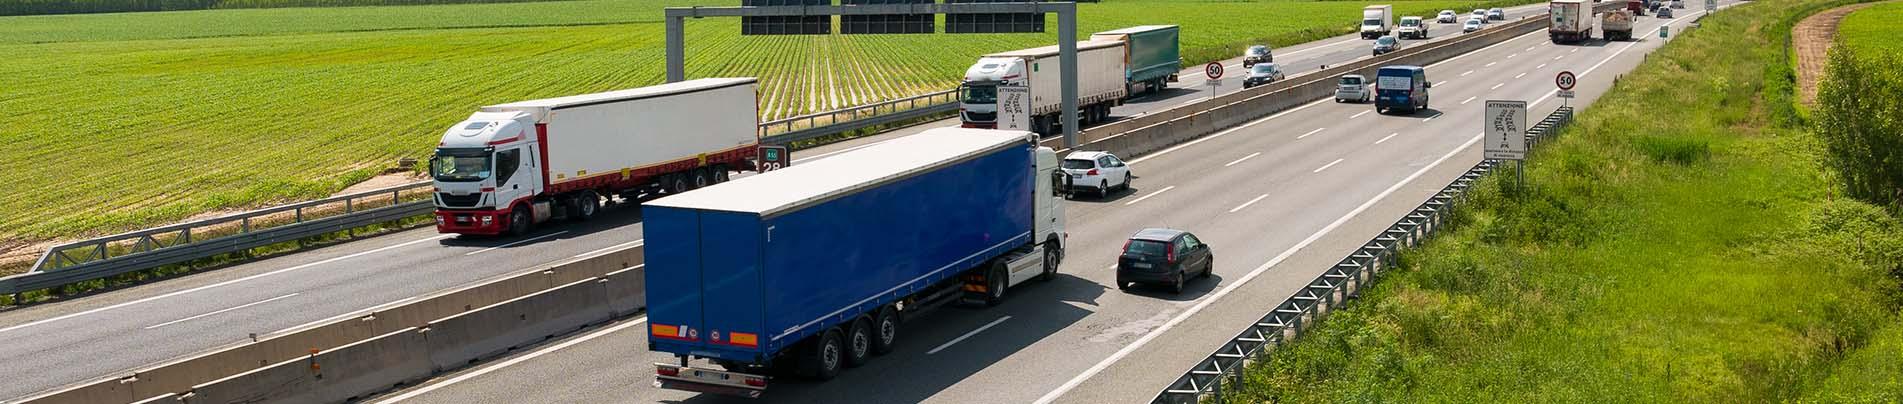 Mobeltransport Berlin Blitz Umzuge Berlin Europa Umzugsunternehmen Umzugsservice